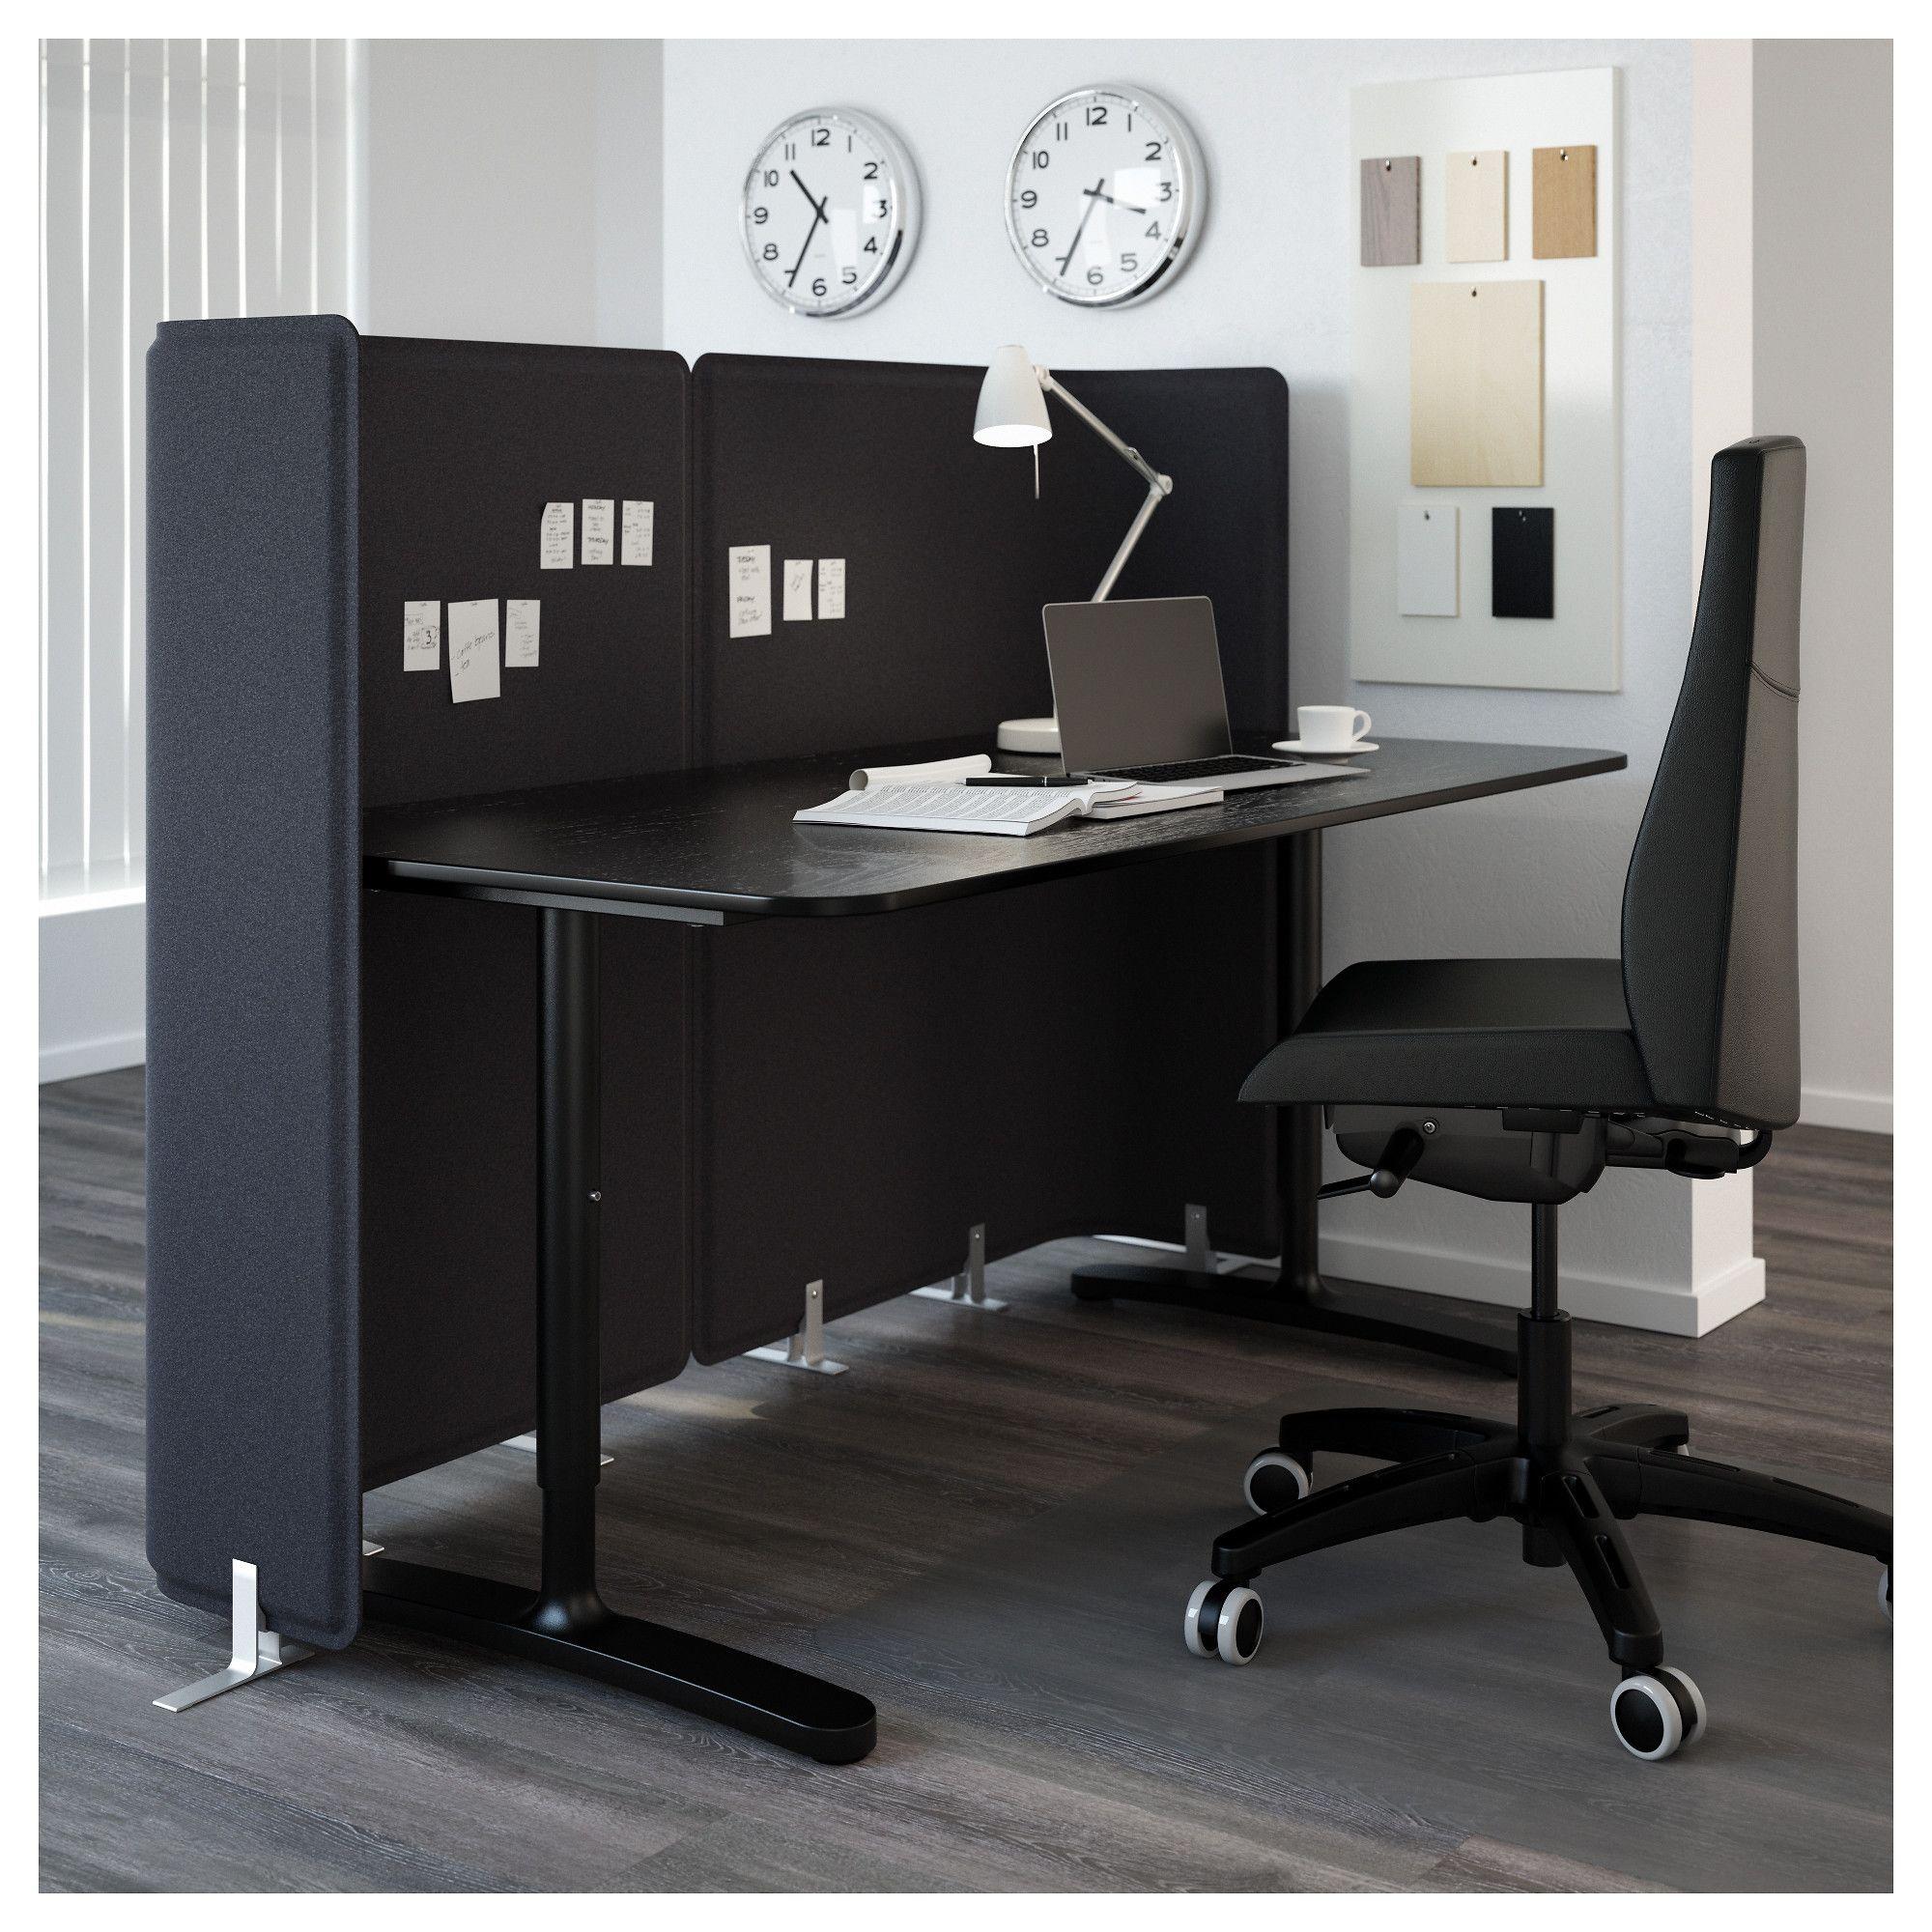 Bekant Abschirmung Fur Schreibtisch Grau Ikea Osterreich